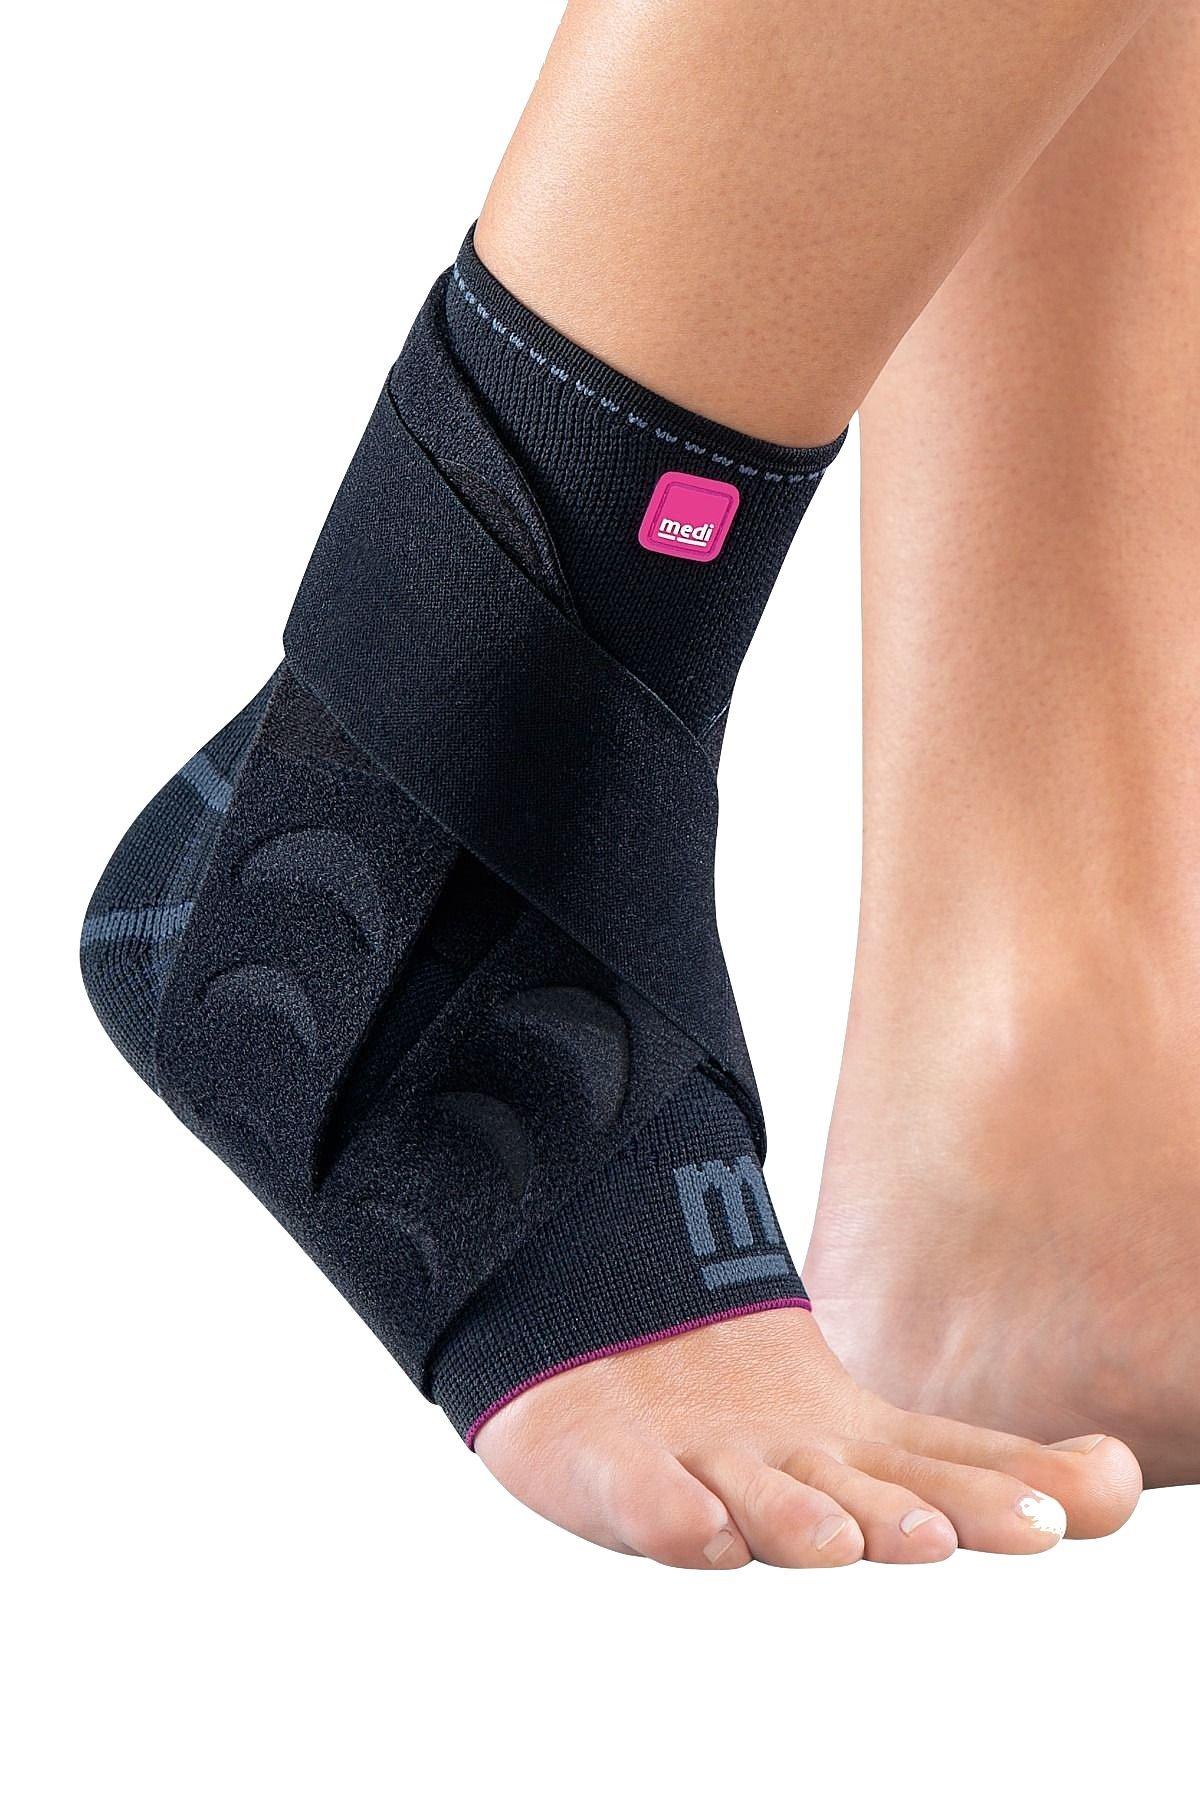 Medi Levamed Active Knit Ankle Support Left (Black) Size 6